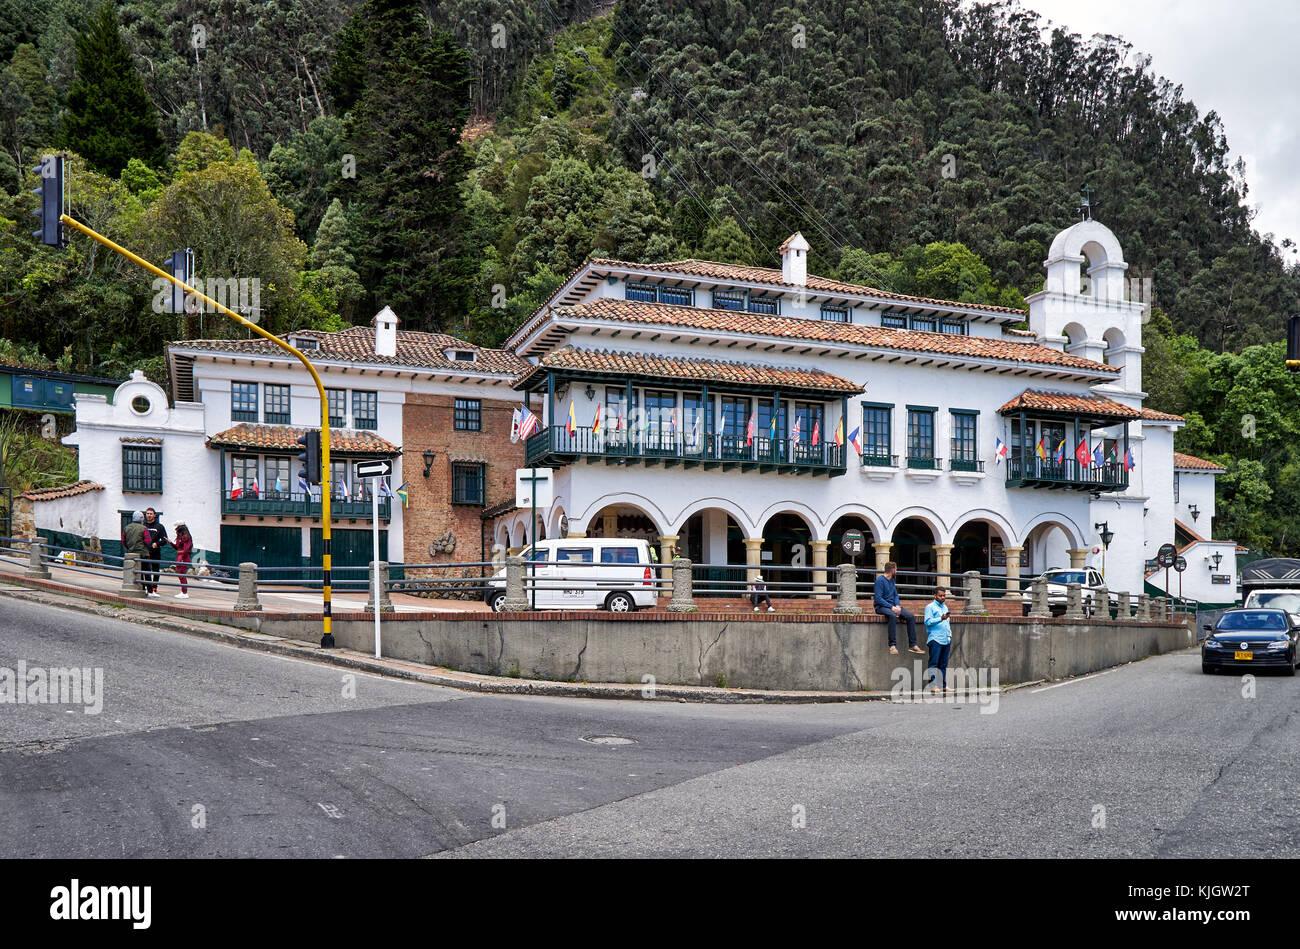 Terminus du funiculaire de Cerro de Monserrate, Bogota, Colombie, Amérique du Sud Photo Stock